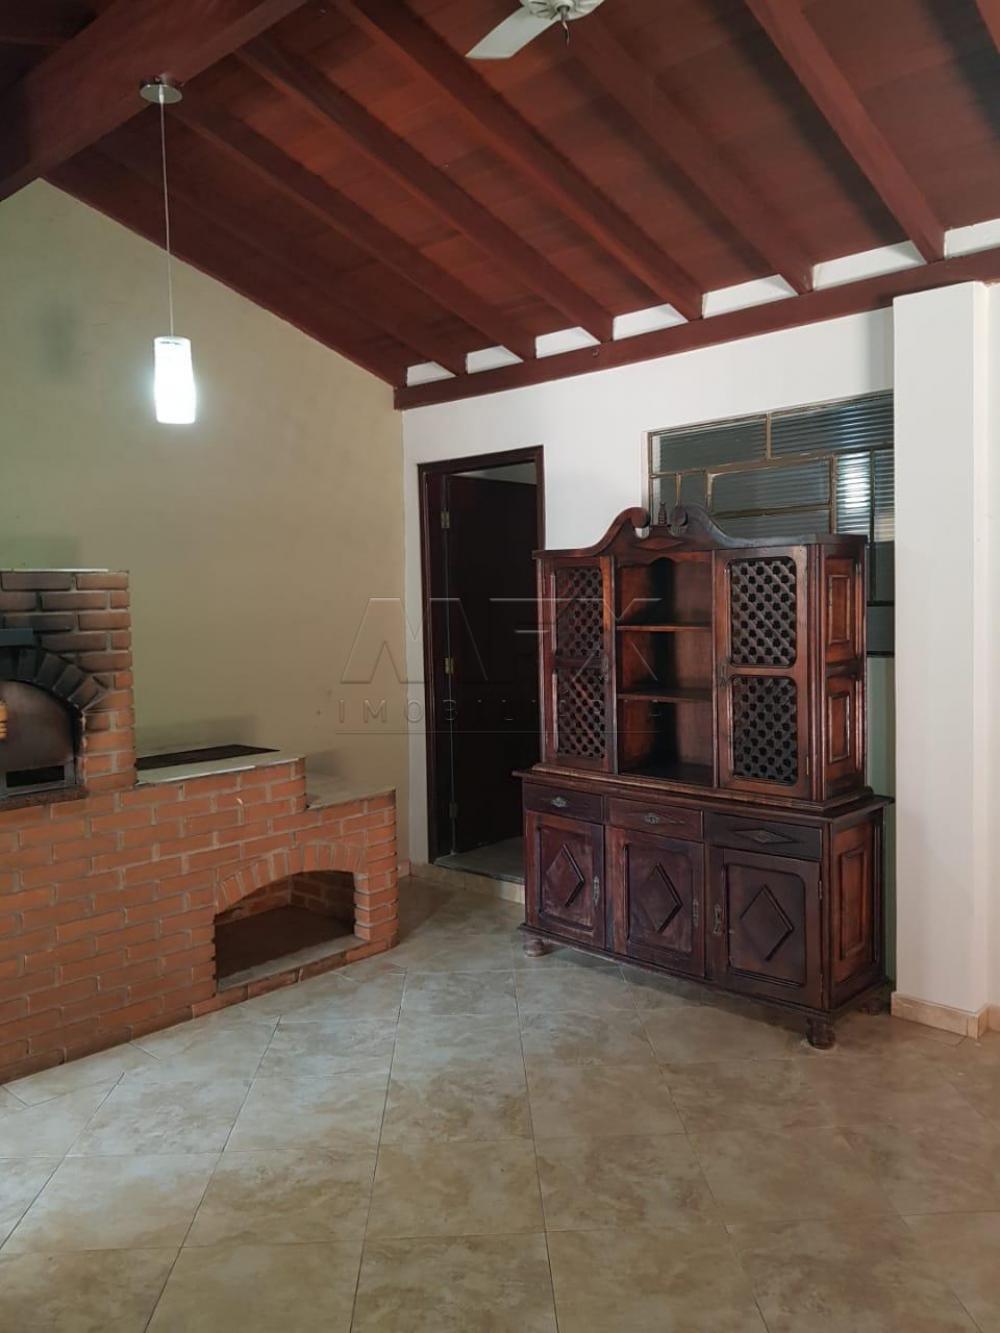 Comprar Casa / Padrão em Bauru apenas R$ 460.000,00 - Foto 14